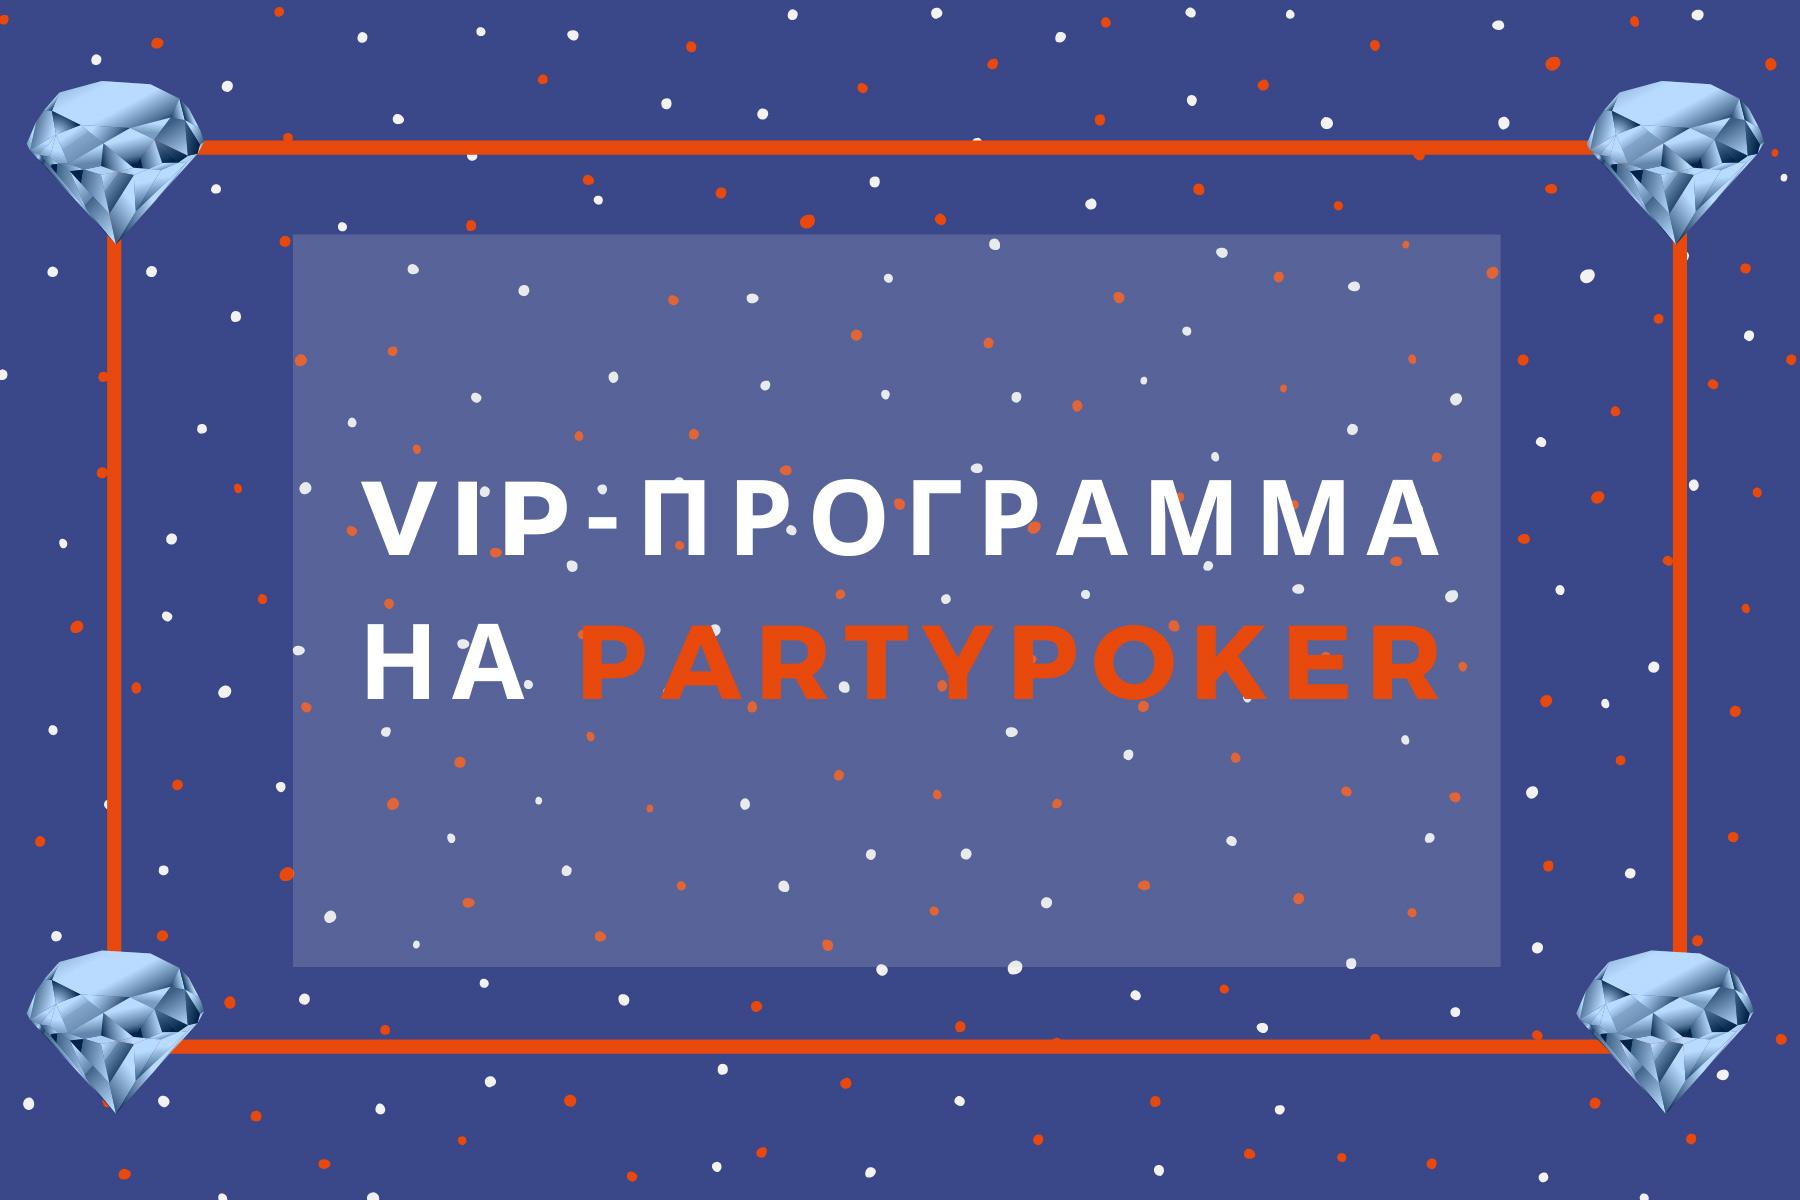 VIP-программа на partypoker.